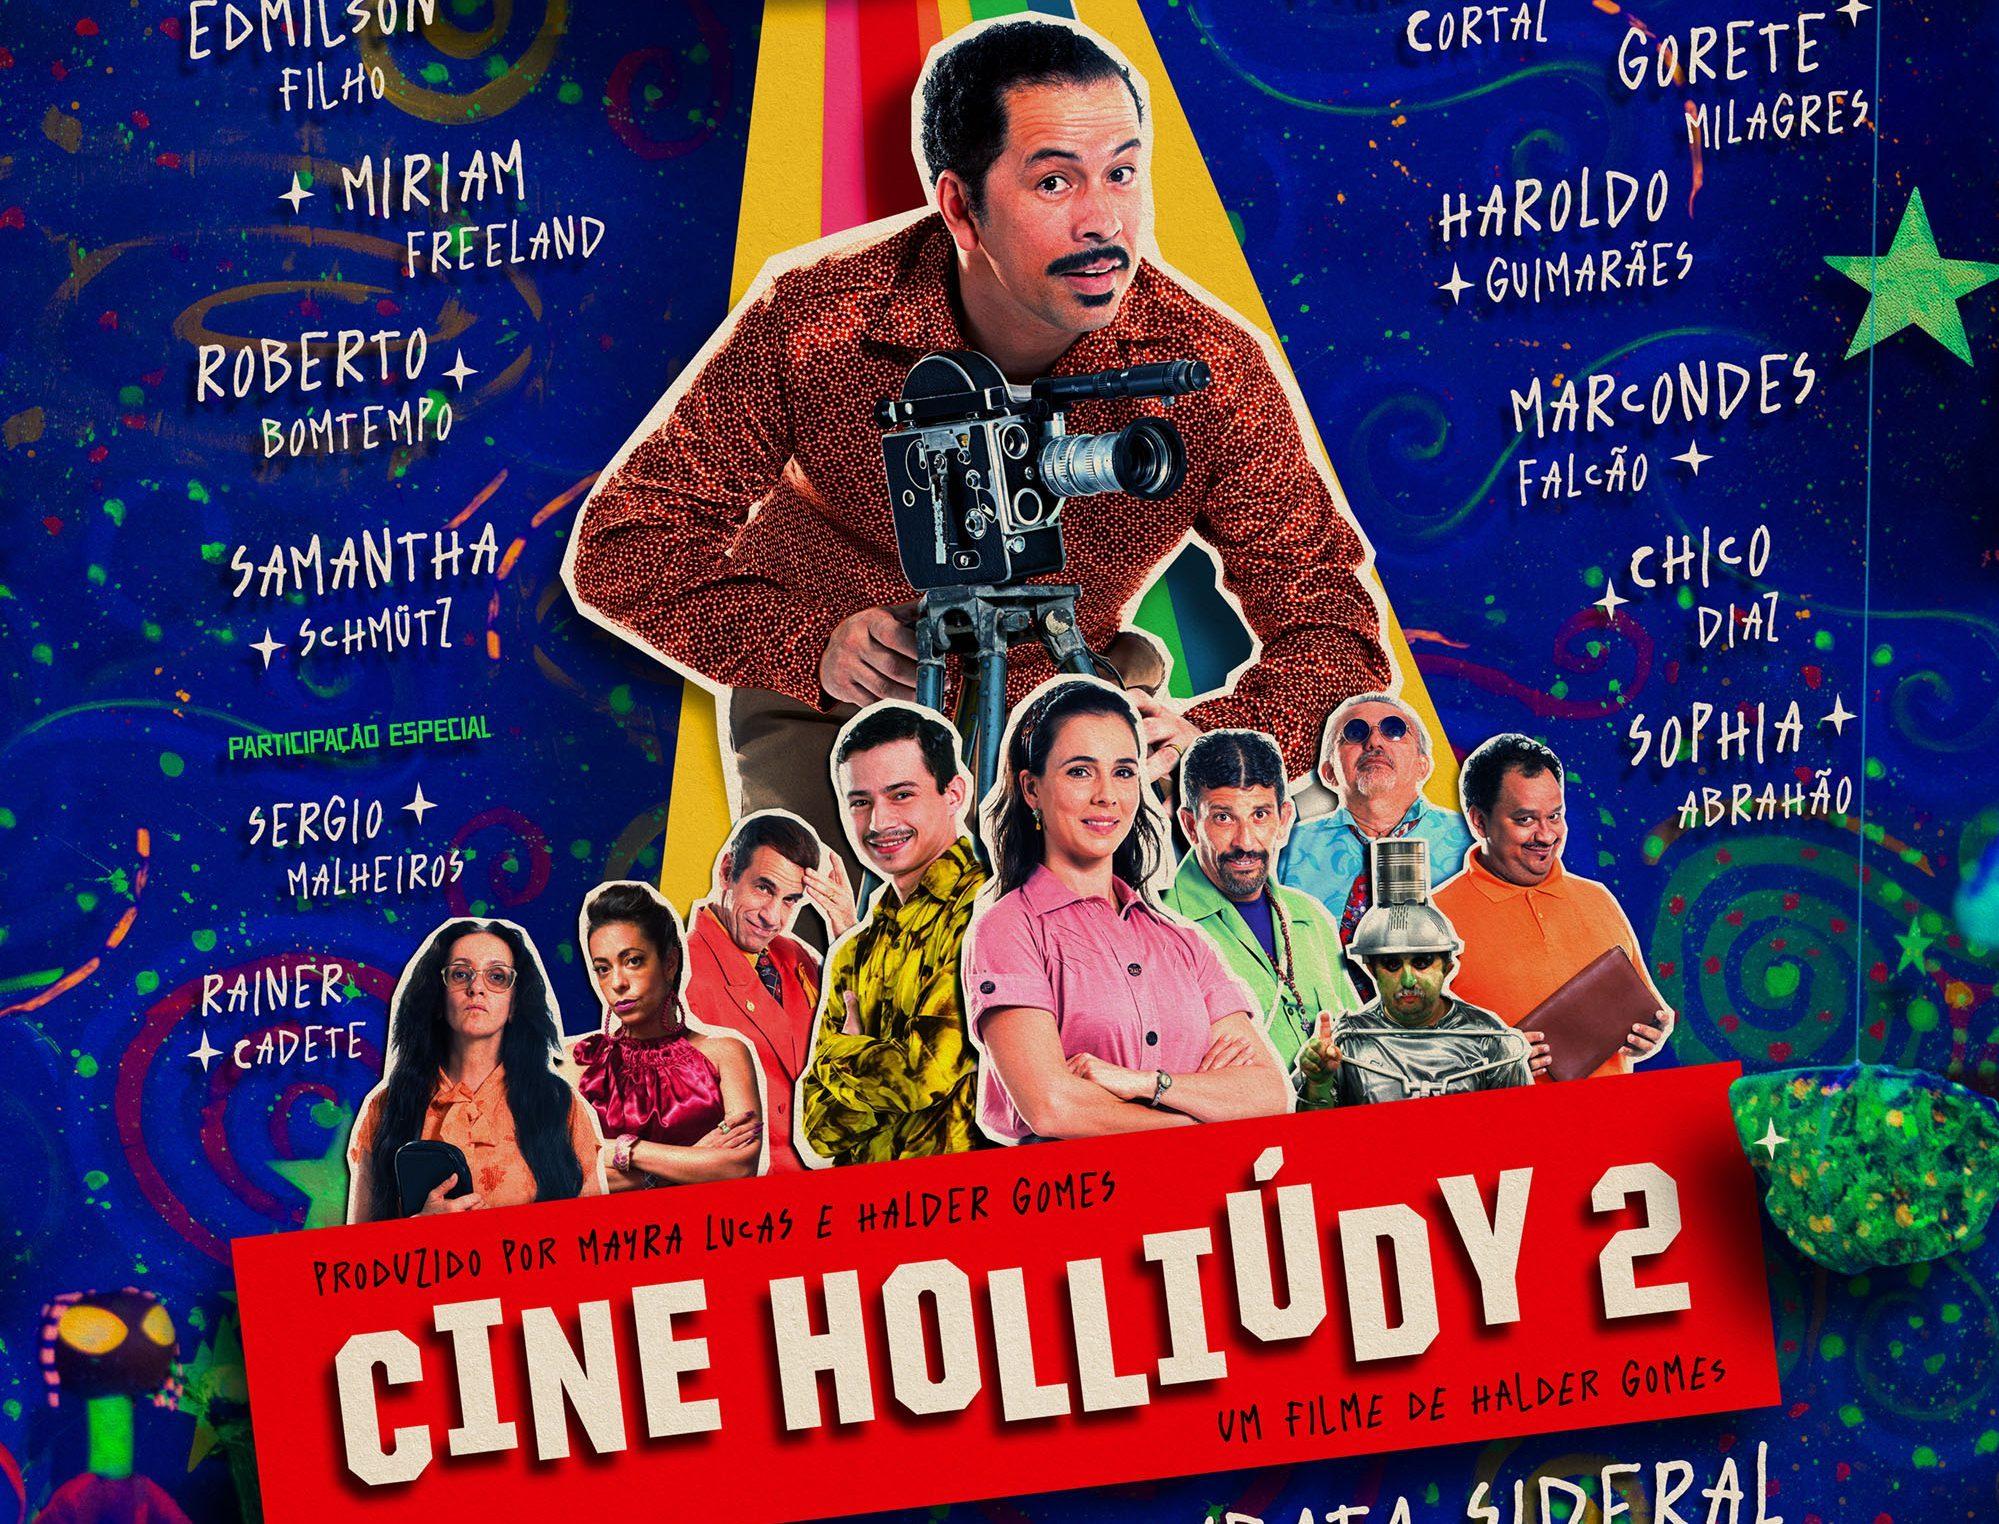 'Cine Holliúdy 2 – A Chibata Sideral', estreia nesta quinta (21)